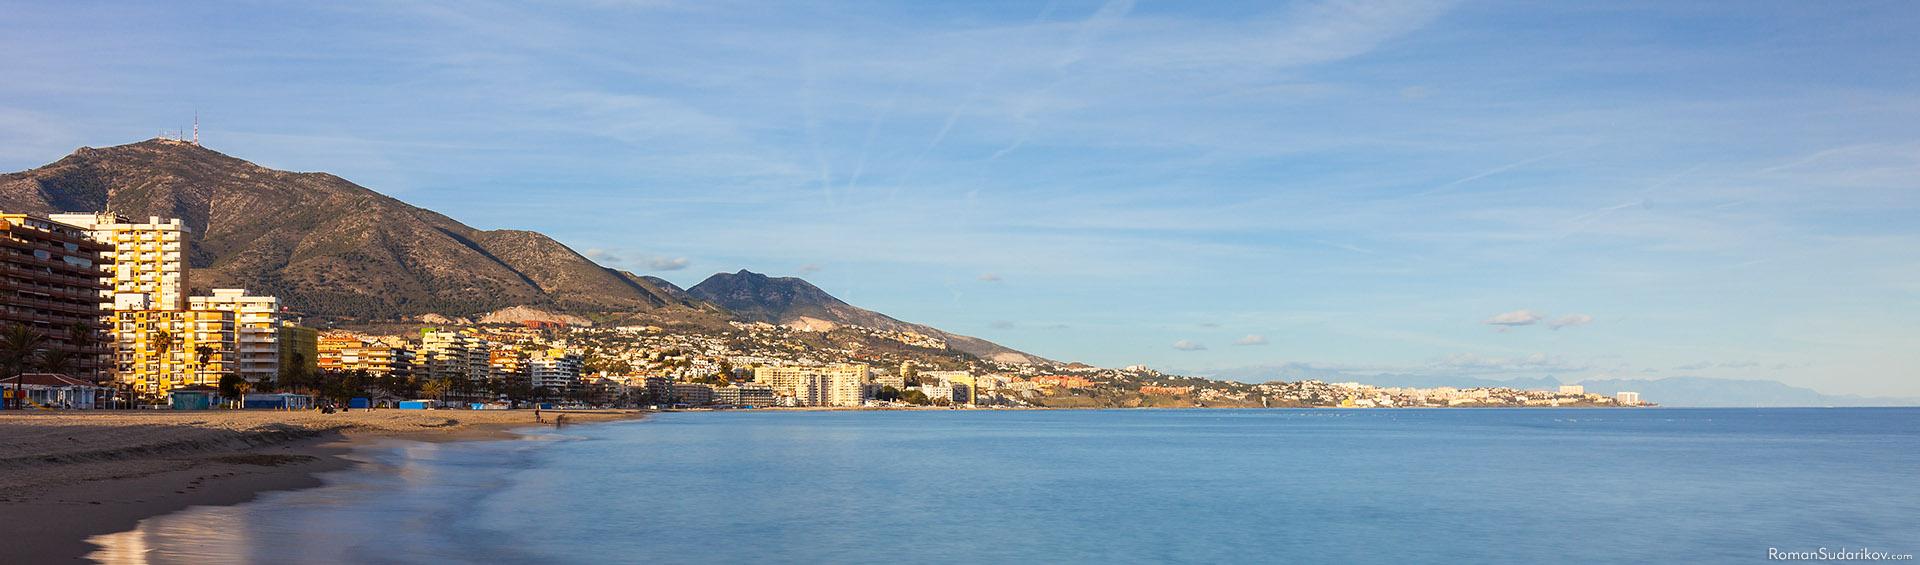 Мягкие волны на пляже Фуэнхиролы. На горизонте видны горы Бенальмадены, Серро дель Моро и за ней Каламорро. Коста дель Соль, Испания.